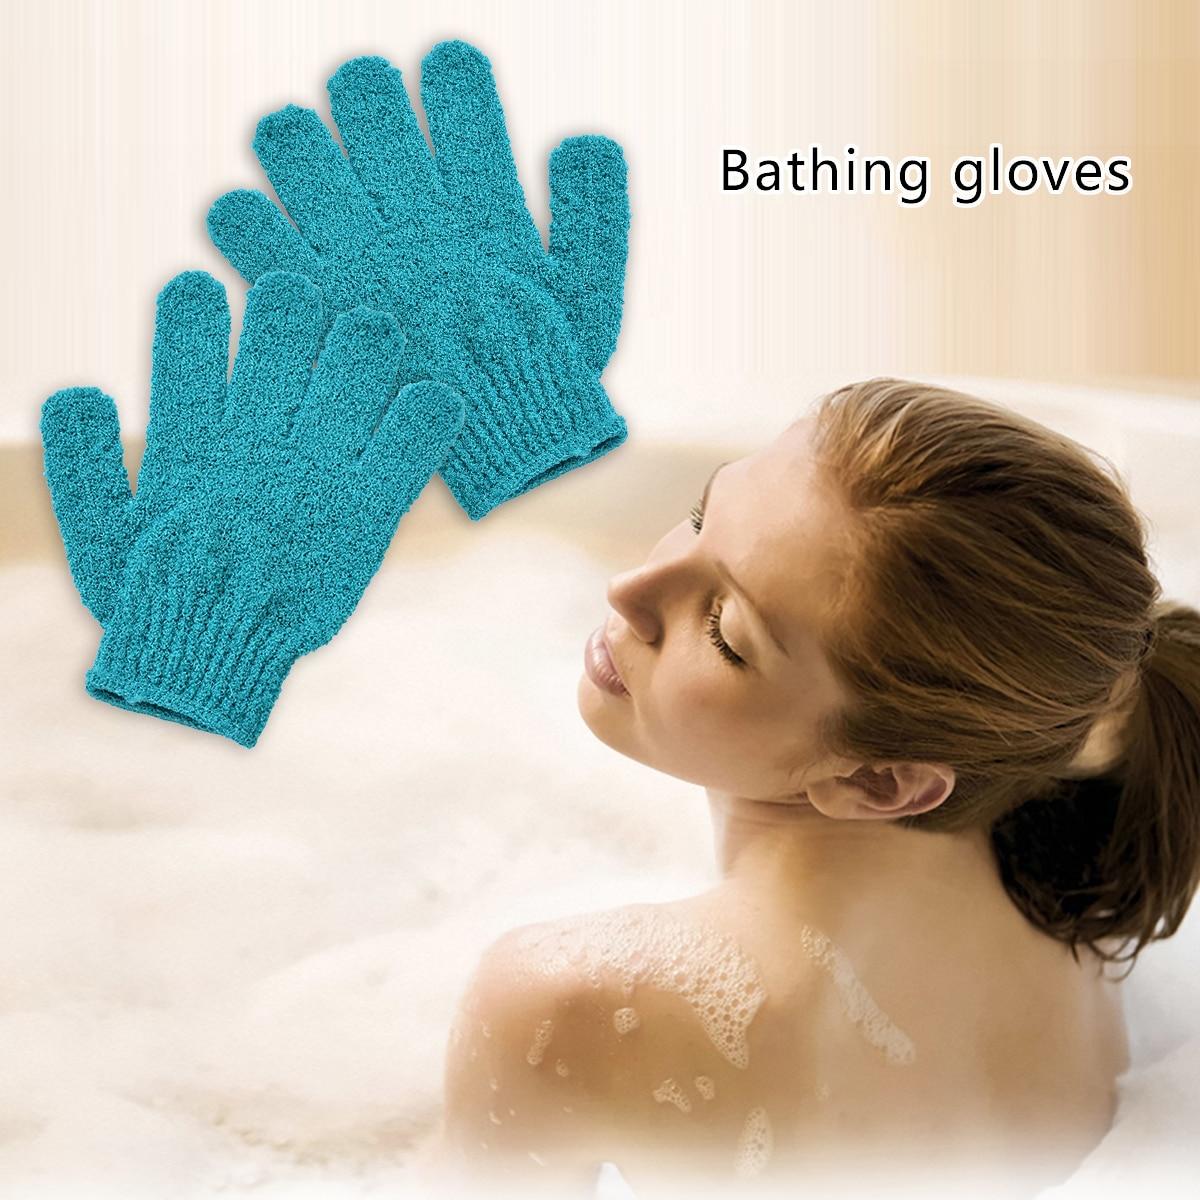 Guantes exfoliantes de alta calidad Mitt baño ducha exfoliante Tan piel muerta exfoliador de eliminación al azar